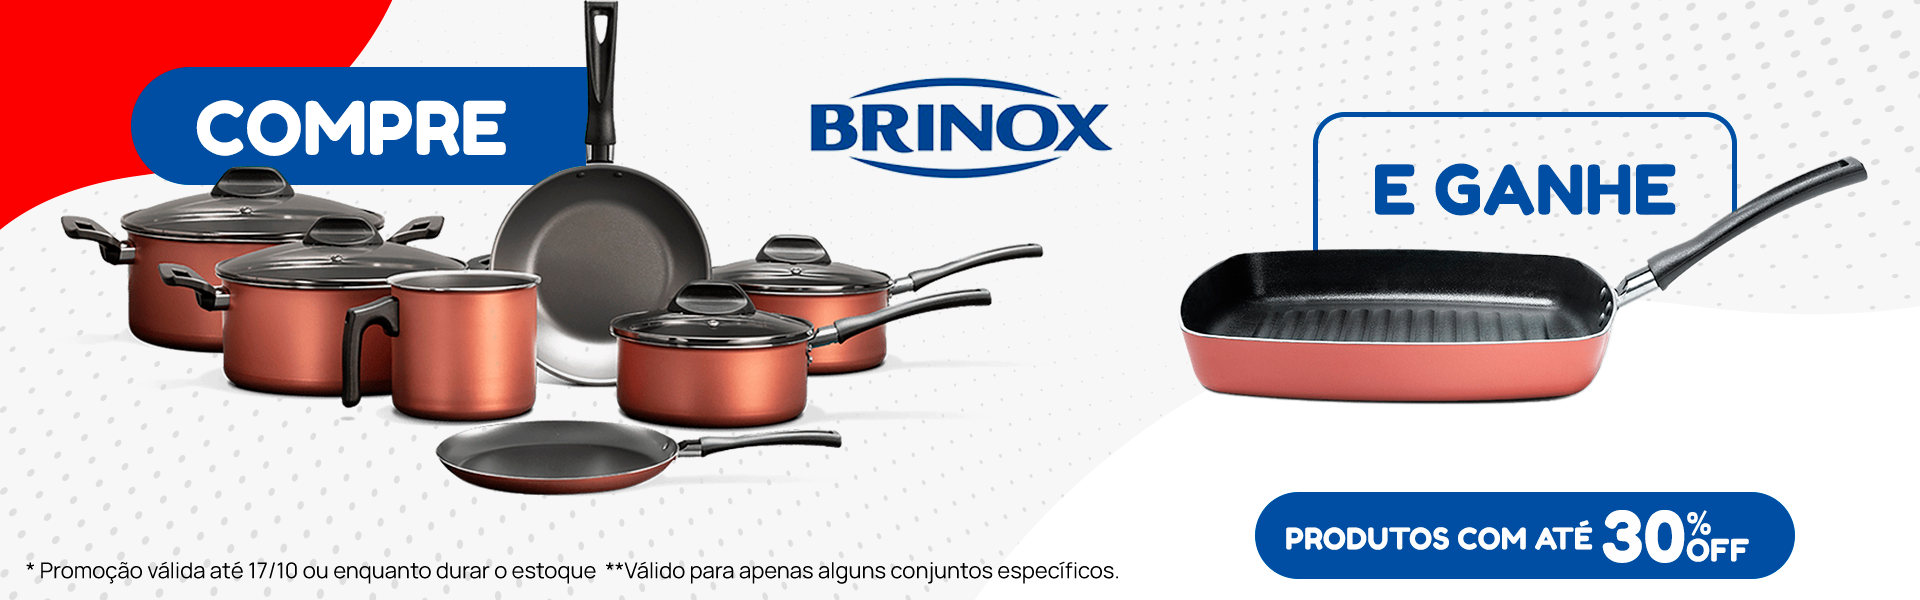 Banner - Brinox